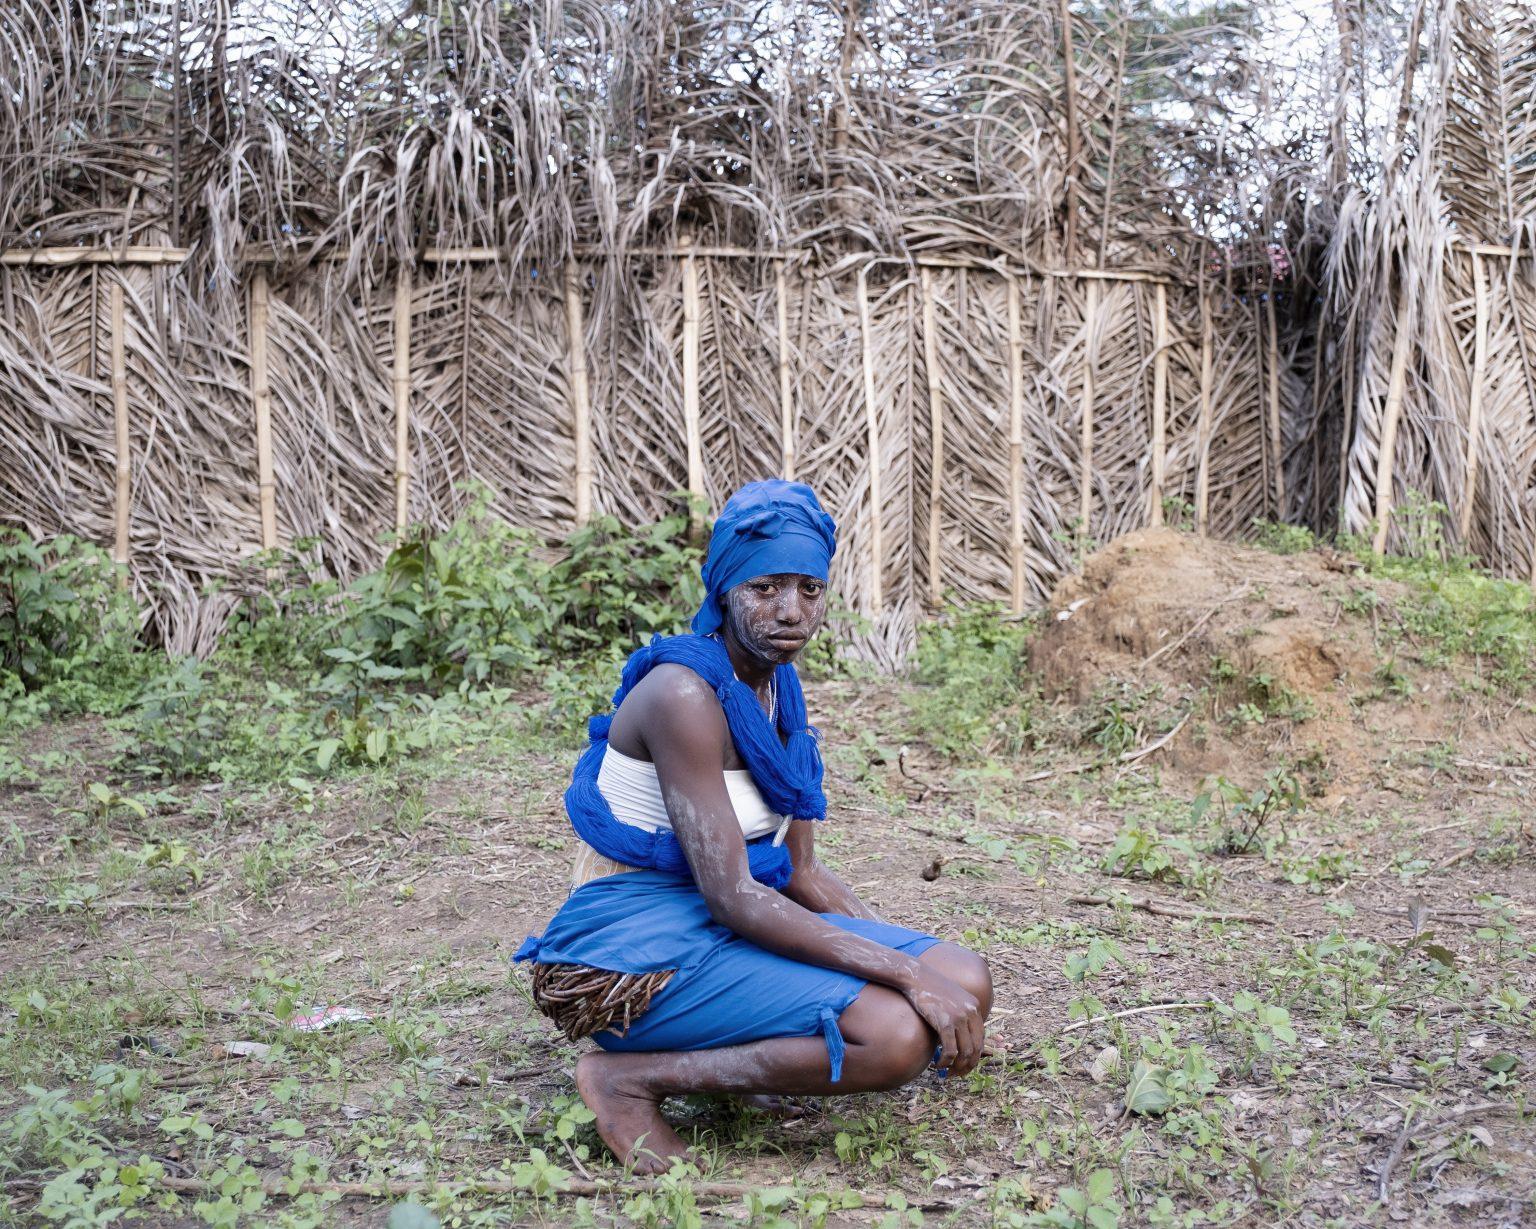 """Northwestern Liberia, October 2019 - A Sande girl. When they are initiated into the """"bush school"""", the girls dropout regular studies and often do not return to school. The rate of female illiteracy in Liberia, among women aged 15-24, is in fact 56%, compared to 35.3% of young men.  ><  Liberia nord-occidentale, ottobre 2019 - Una ragazza Sande. Quando entrano nella """"scuola nella foresta"""", le giovani lasciano gli studi regolari e spesso non vi fanno ritorno. Il tasso di analfabetismo femminile in Liberia, tra le donne di 15-24 anni, è infatti del 56%, contro il 35,3% dei coetanei maschi."""